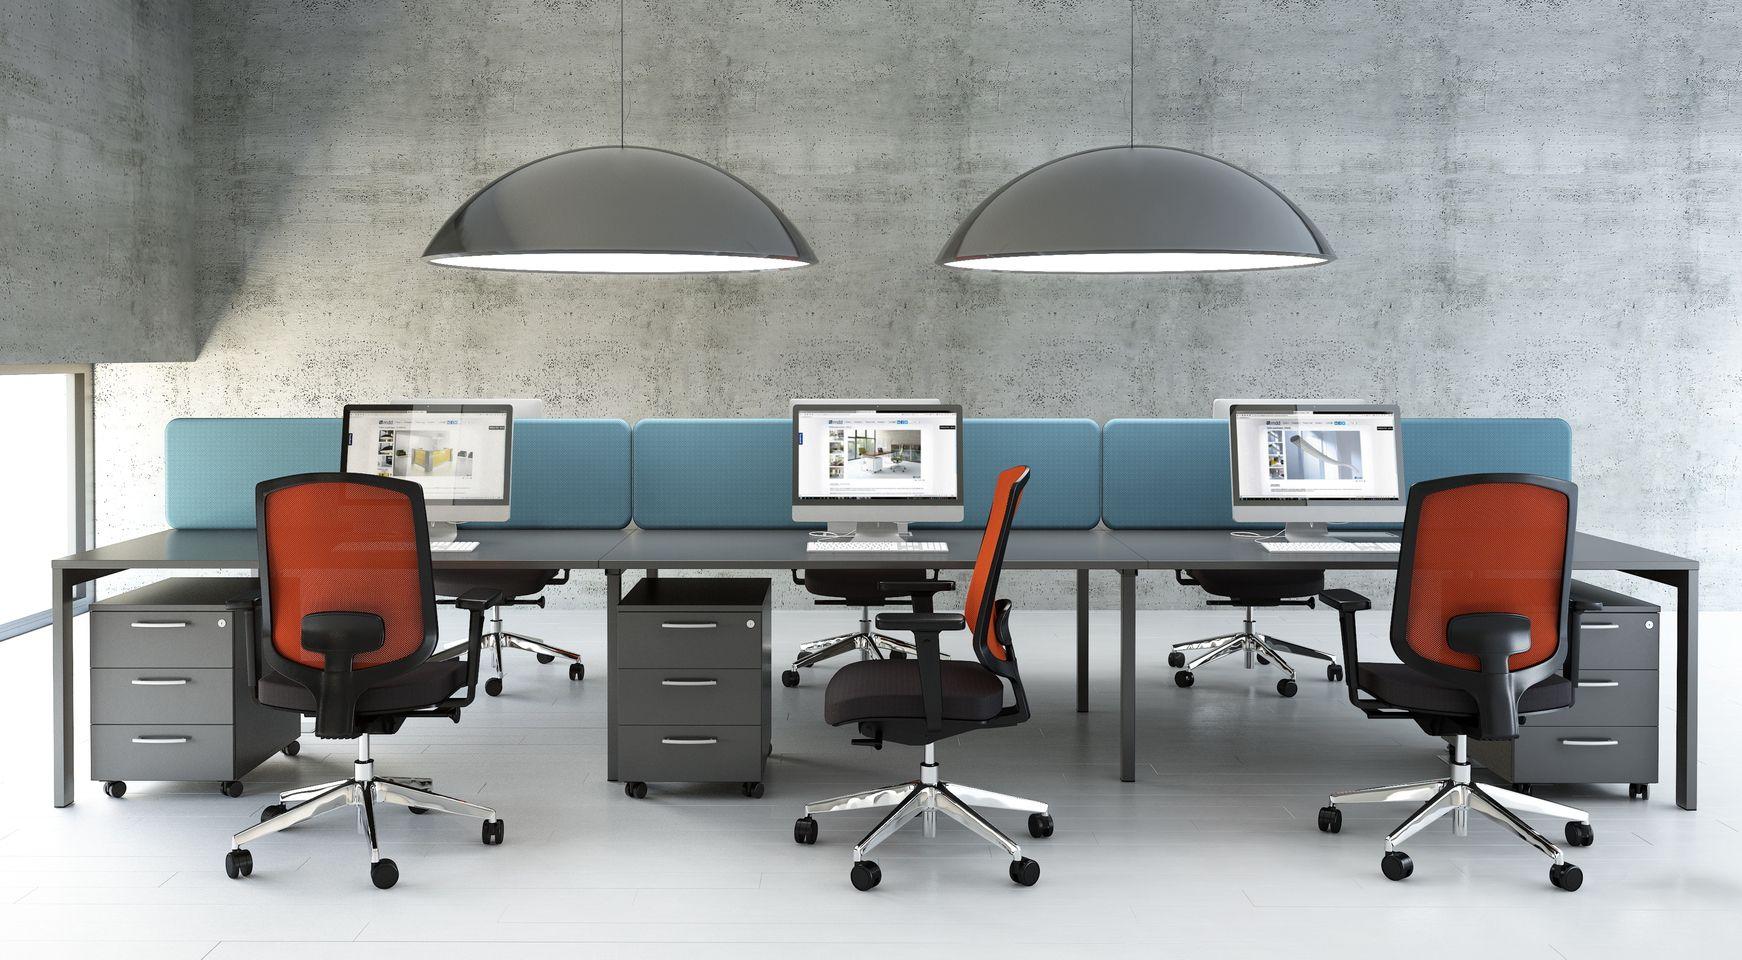 Separador de mesa | Diseño y mobiliario para entornos profesionales